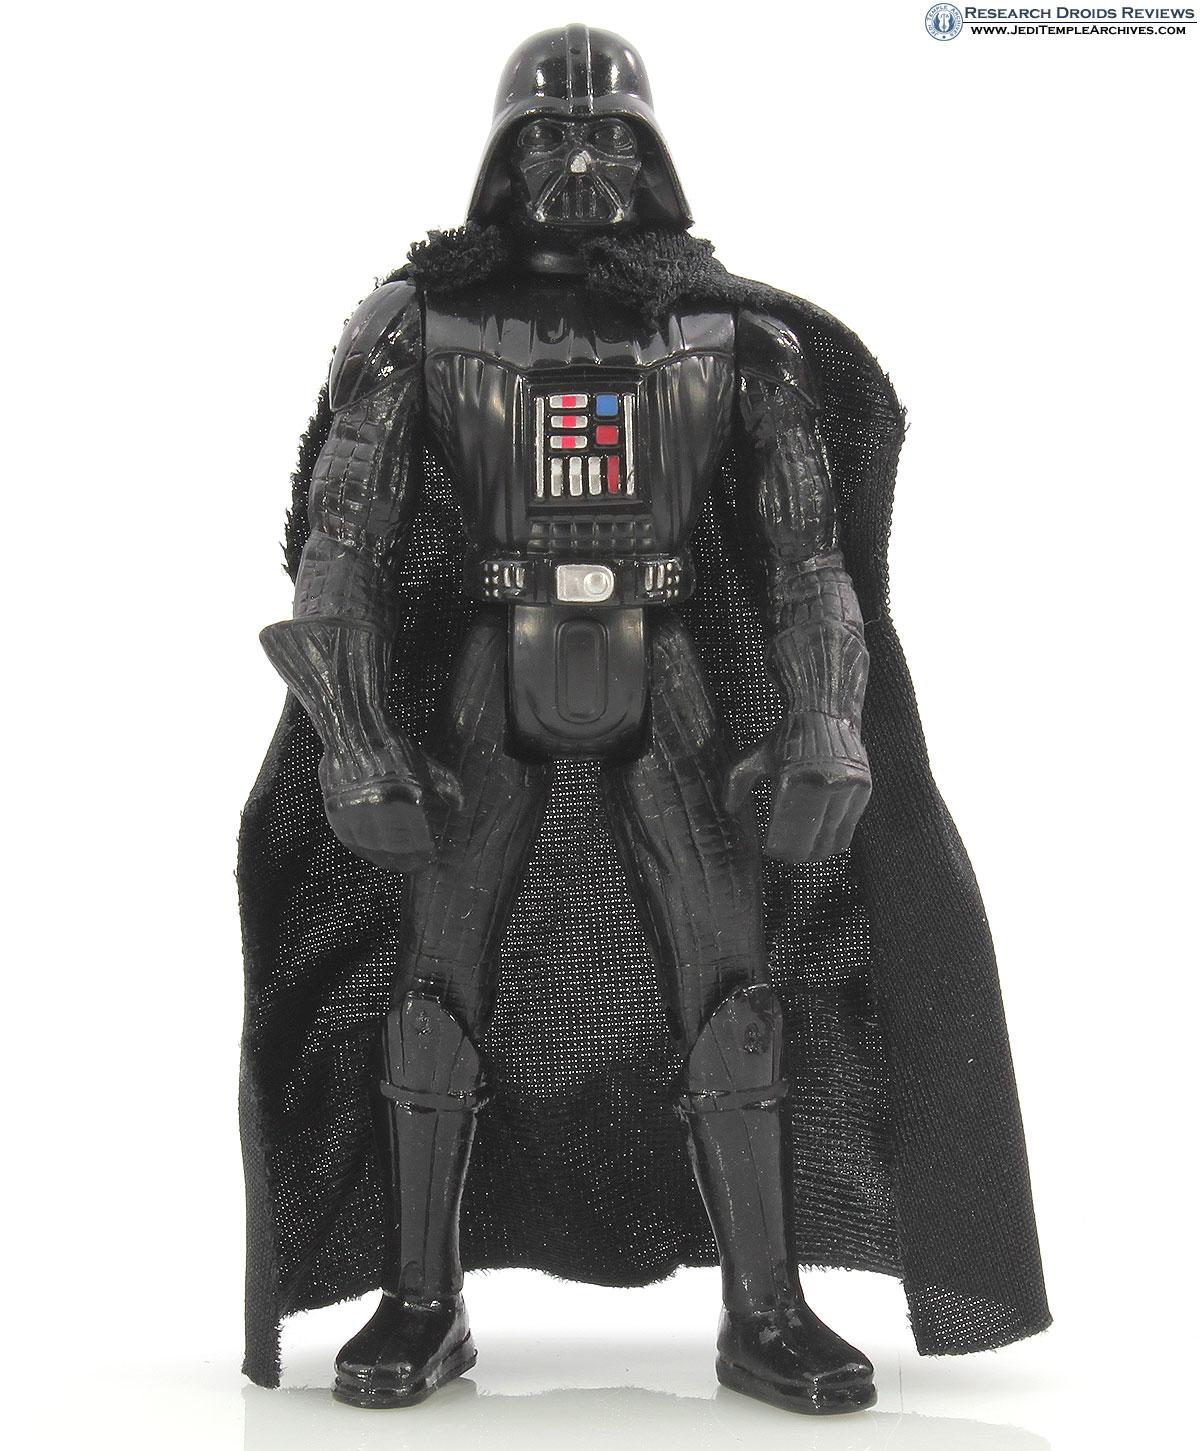 Darth Vader | Death Star (with Darth Vader)